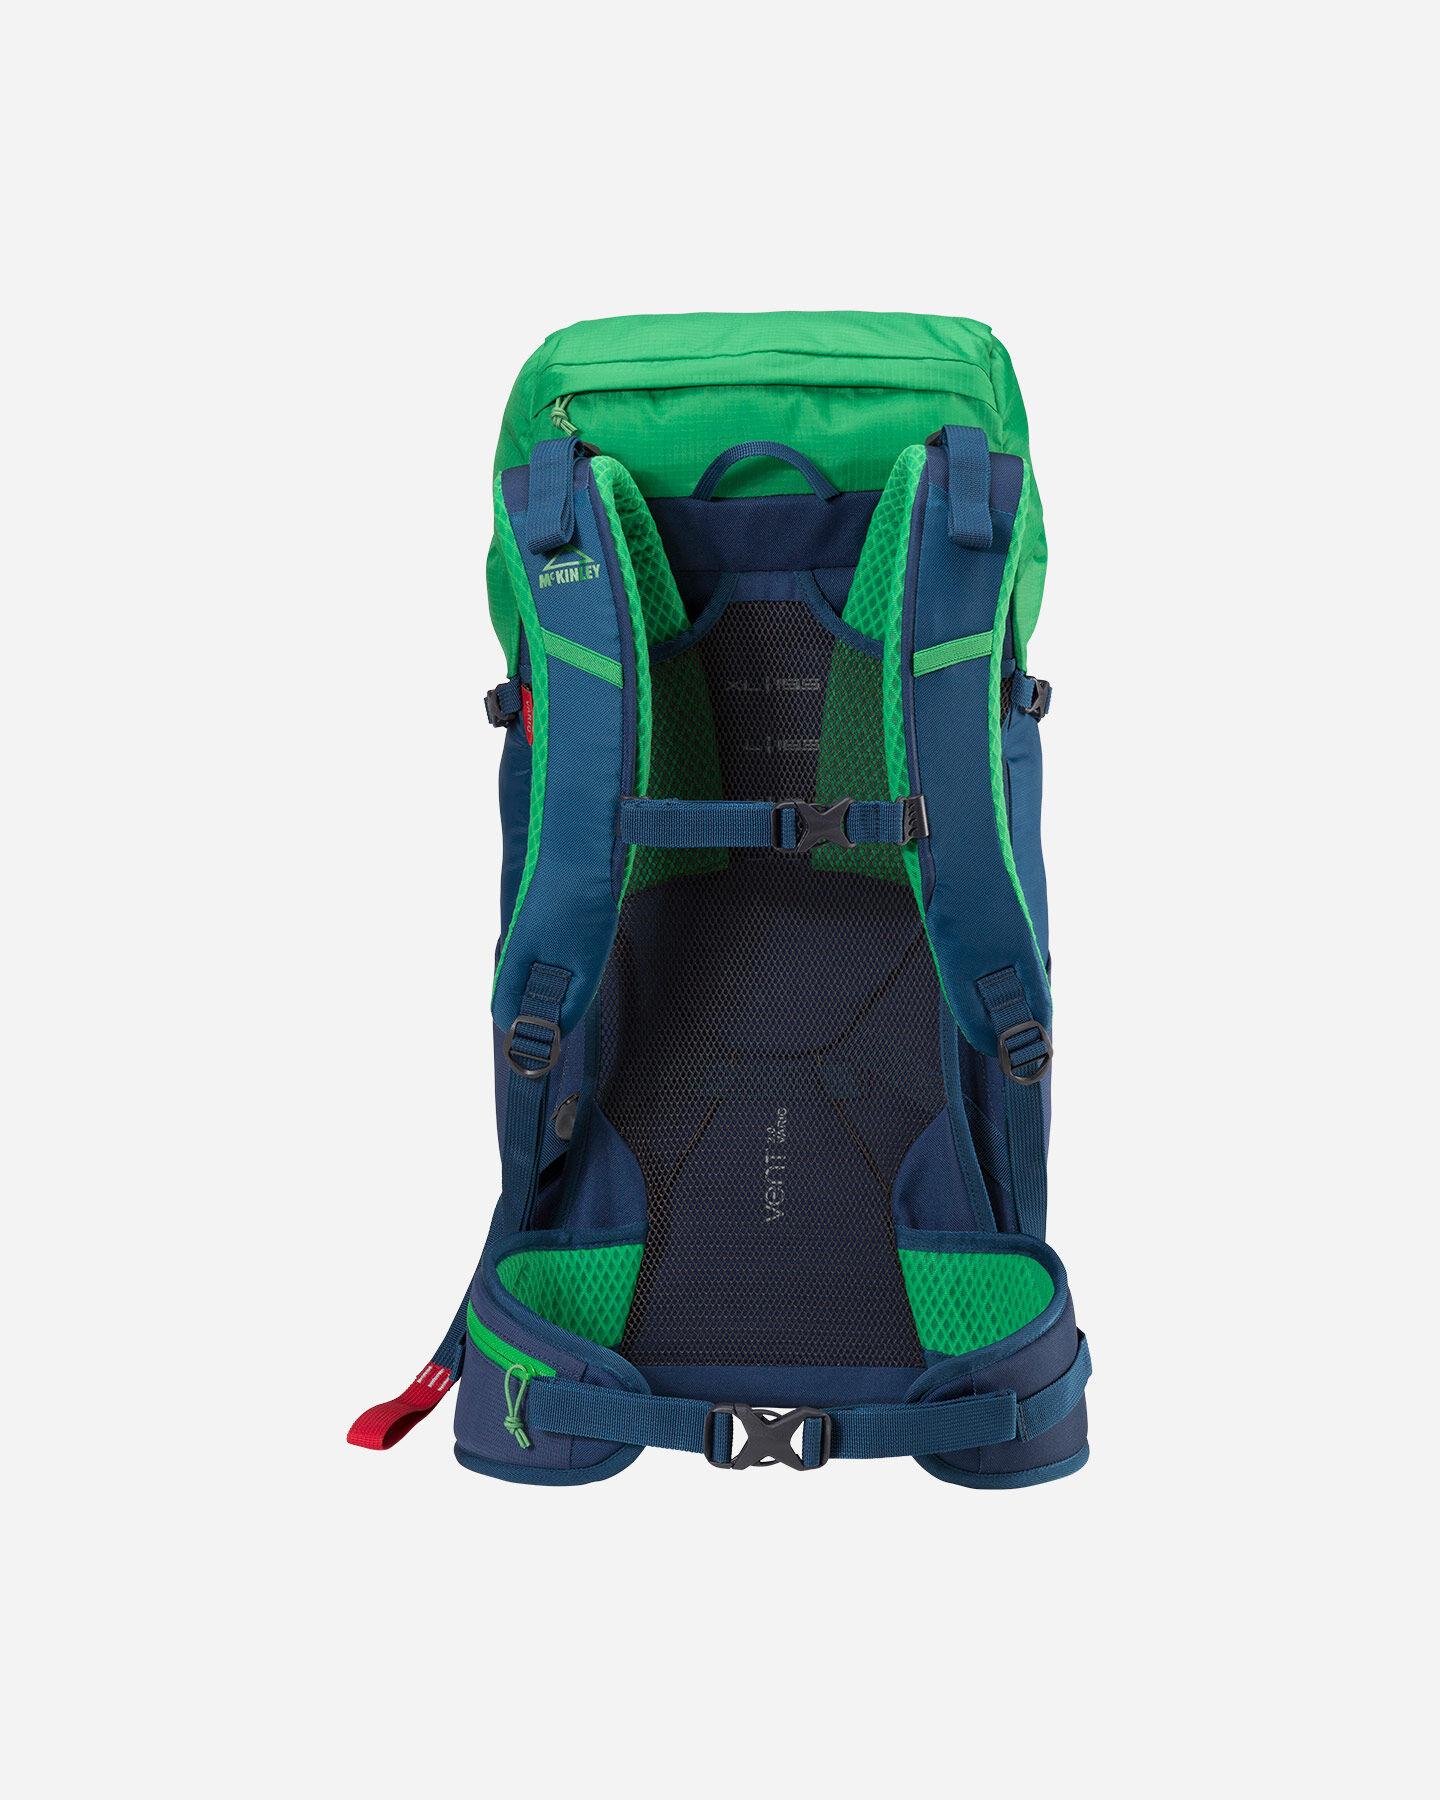 Zaino escursionismo MCKINLEY LYNX VT 28 S2002721|900|28 scatto 1